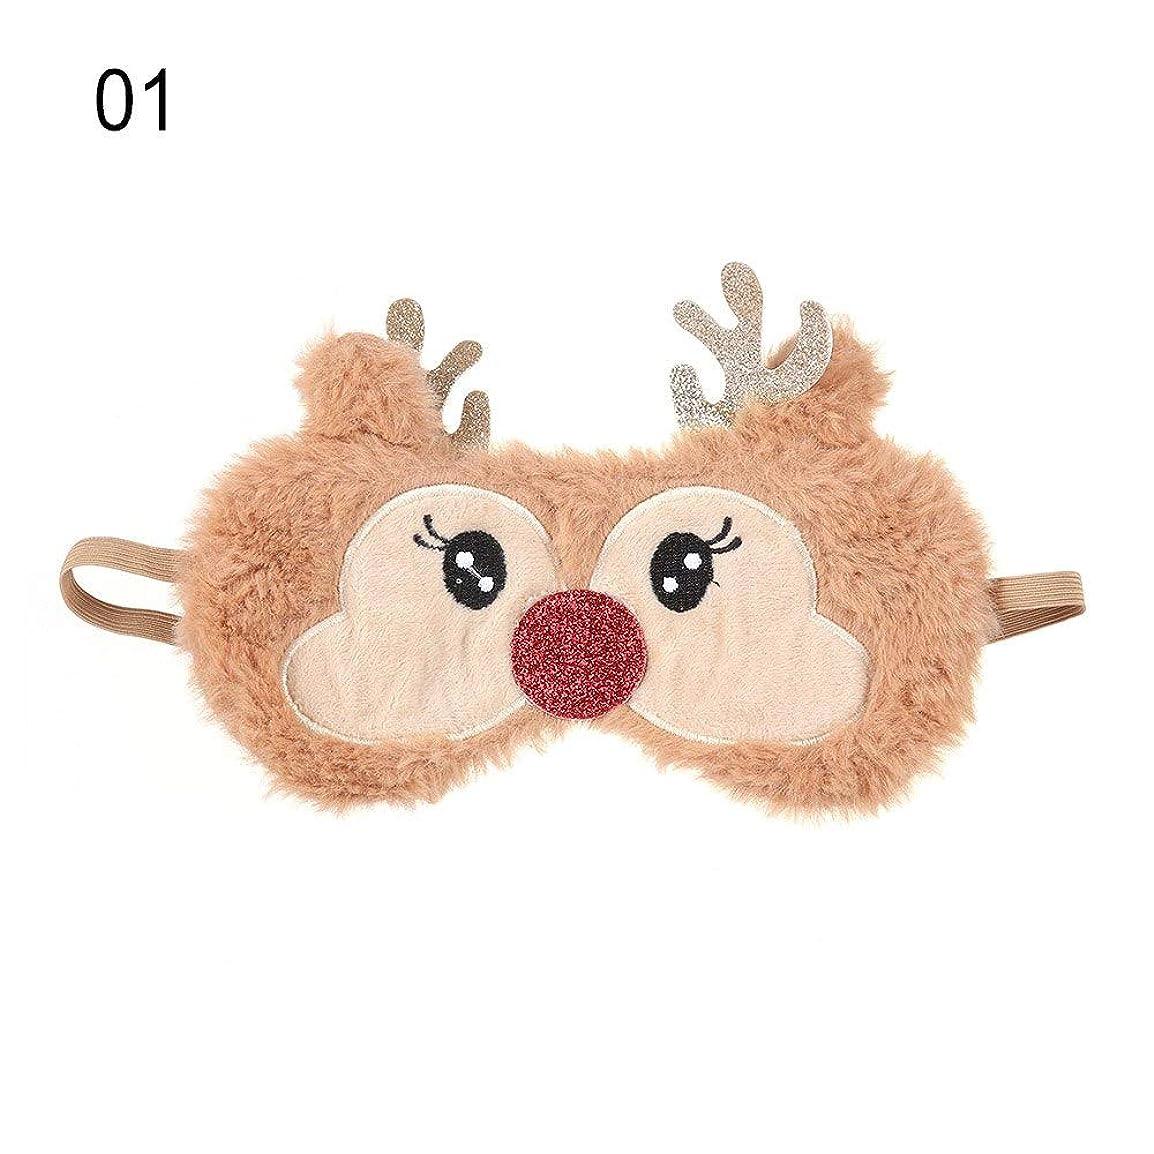 ベッド実際に見落とすNOTE かわいいクリスマスプレゼント鹿アイカバーぬいぐるみ布ナチュラルスリーピングソフトアイマスクアイパッチ冬漫画昼寝アイシェード